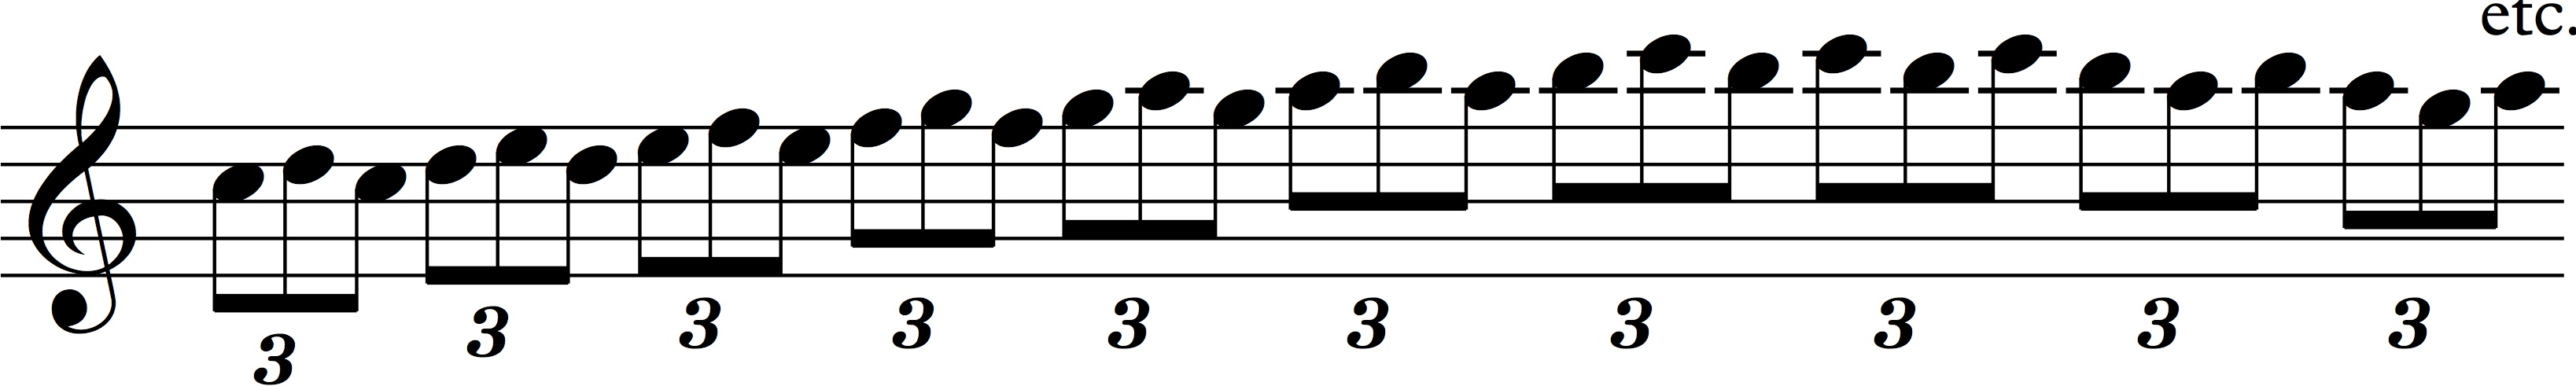 Scale 3 pattern 3.jpg